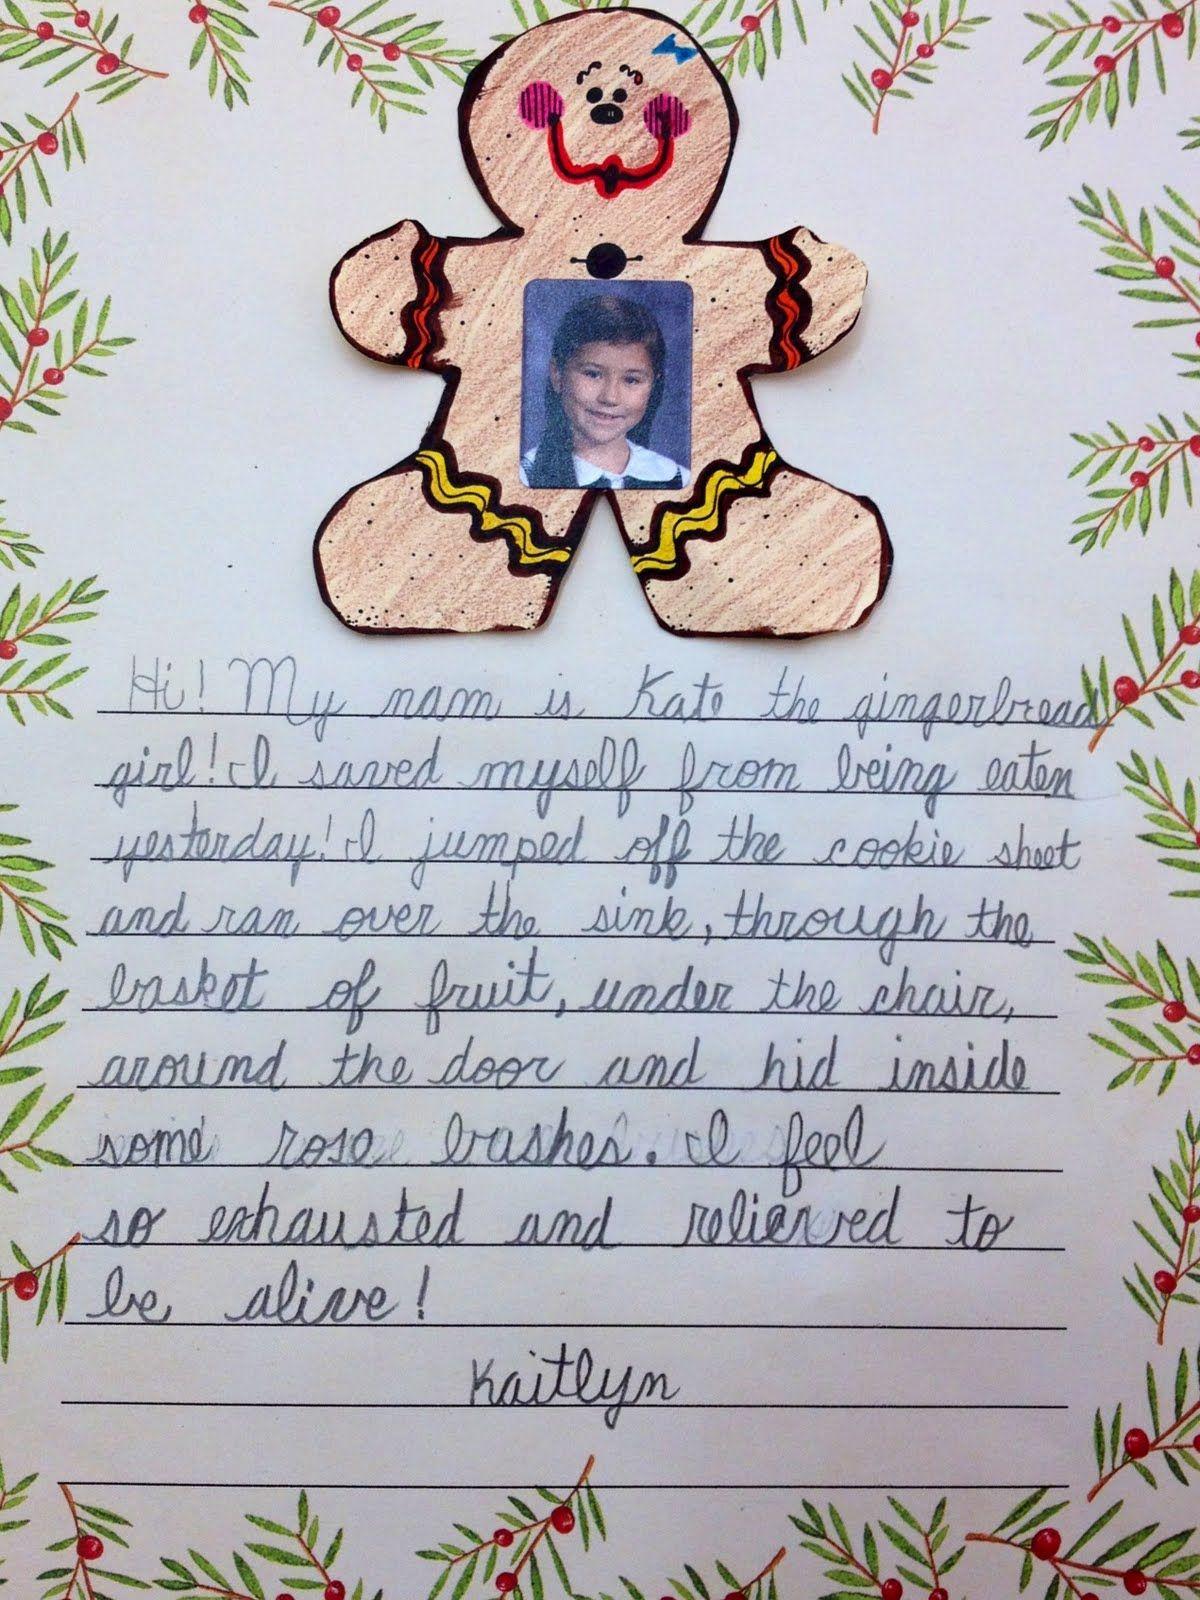 Descriptive Writing | Descriptive writing, Gingerbread man ...